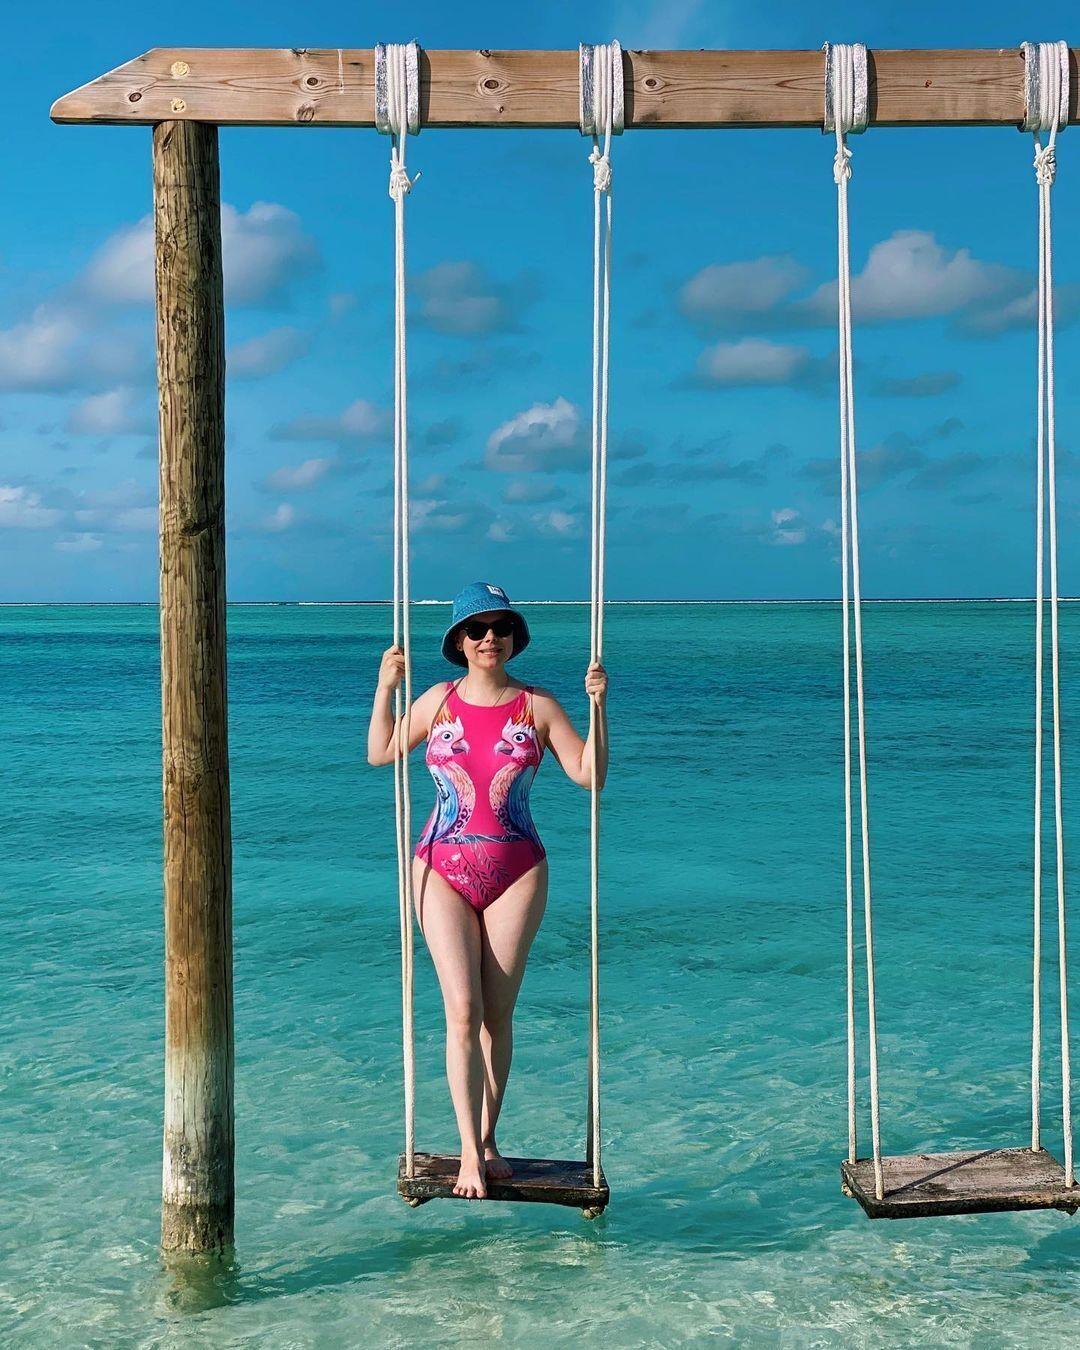 Татьяна Брухунова позирует в купальнике на Мальдивах